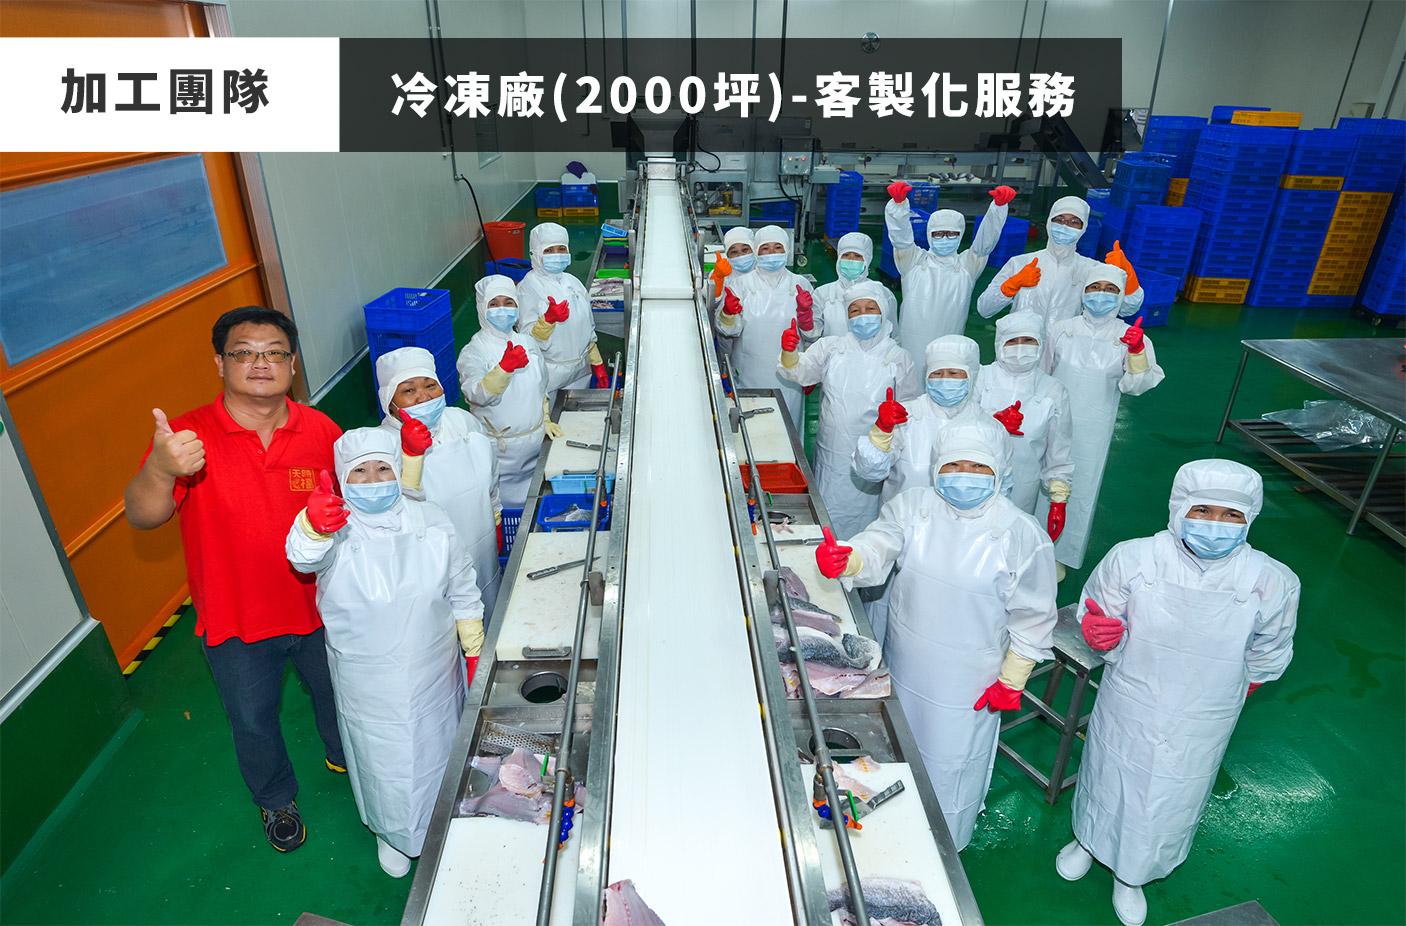 天時福冷凍食品有限公司國際站 提供天時福專業養殖,天時福水產加工,天時福冷凍加工